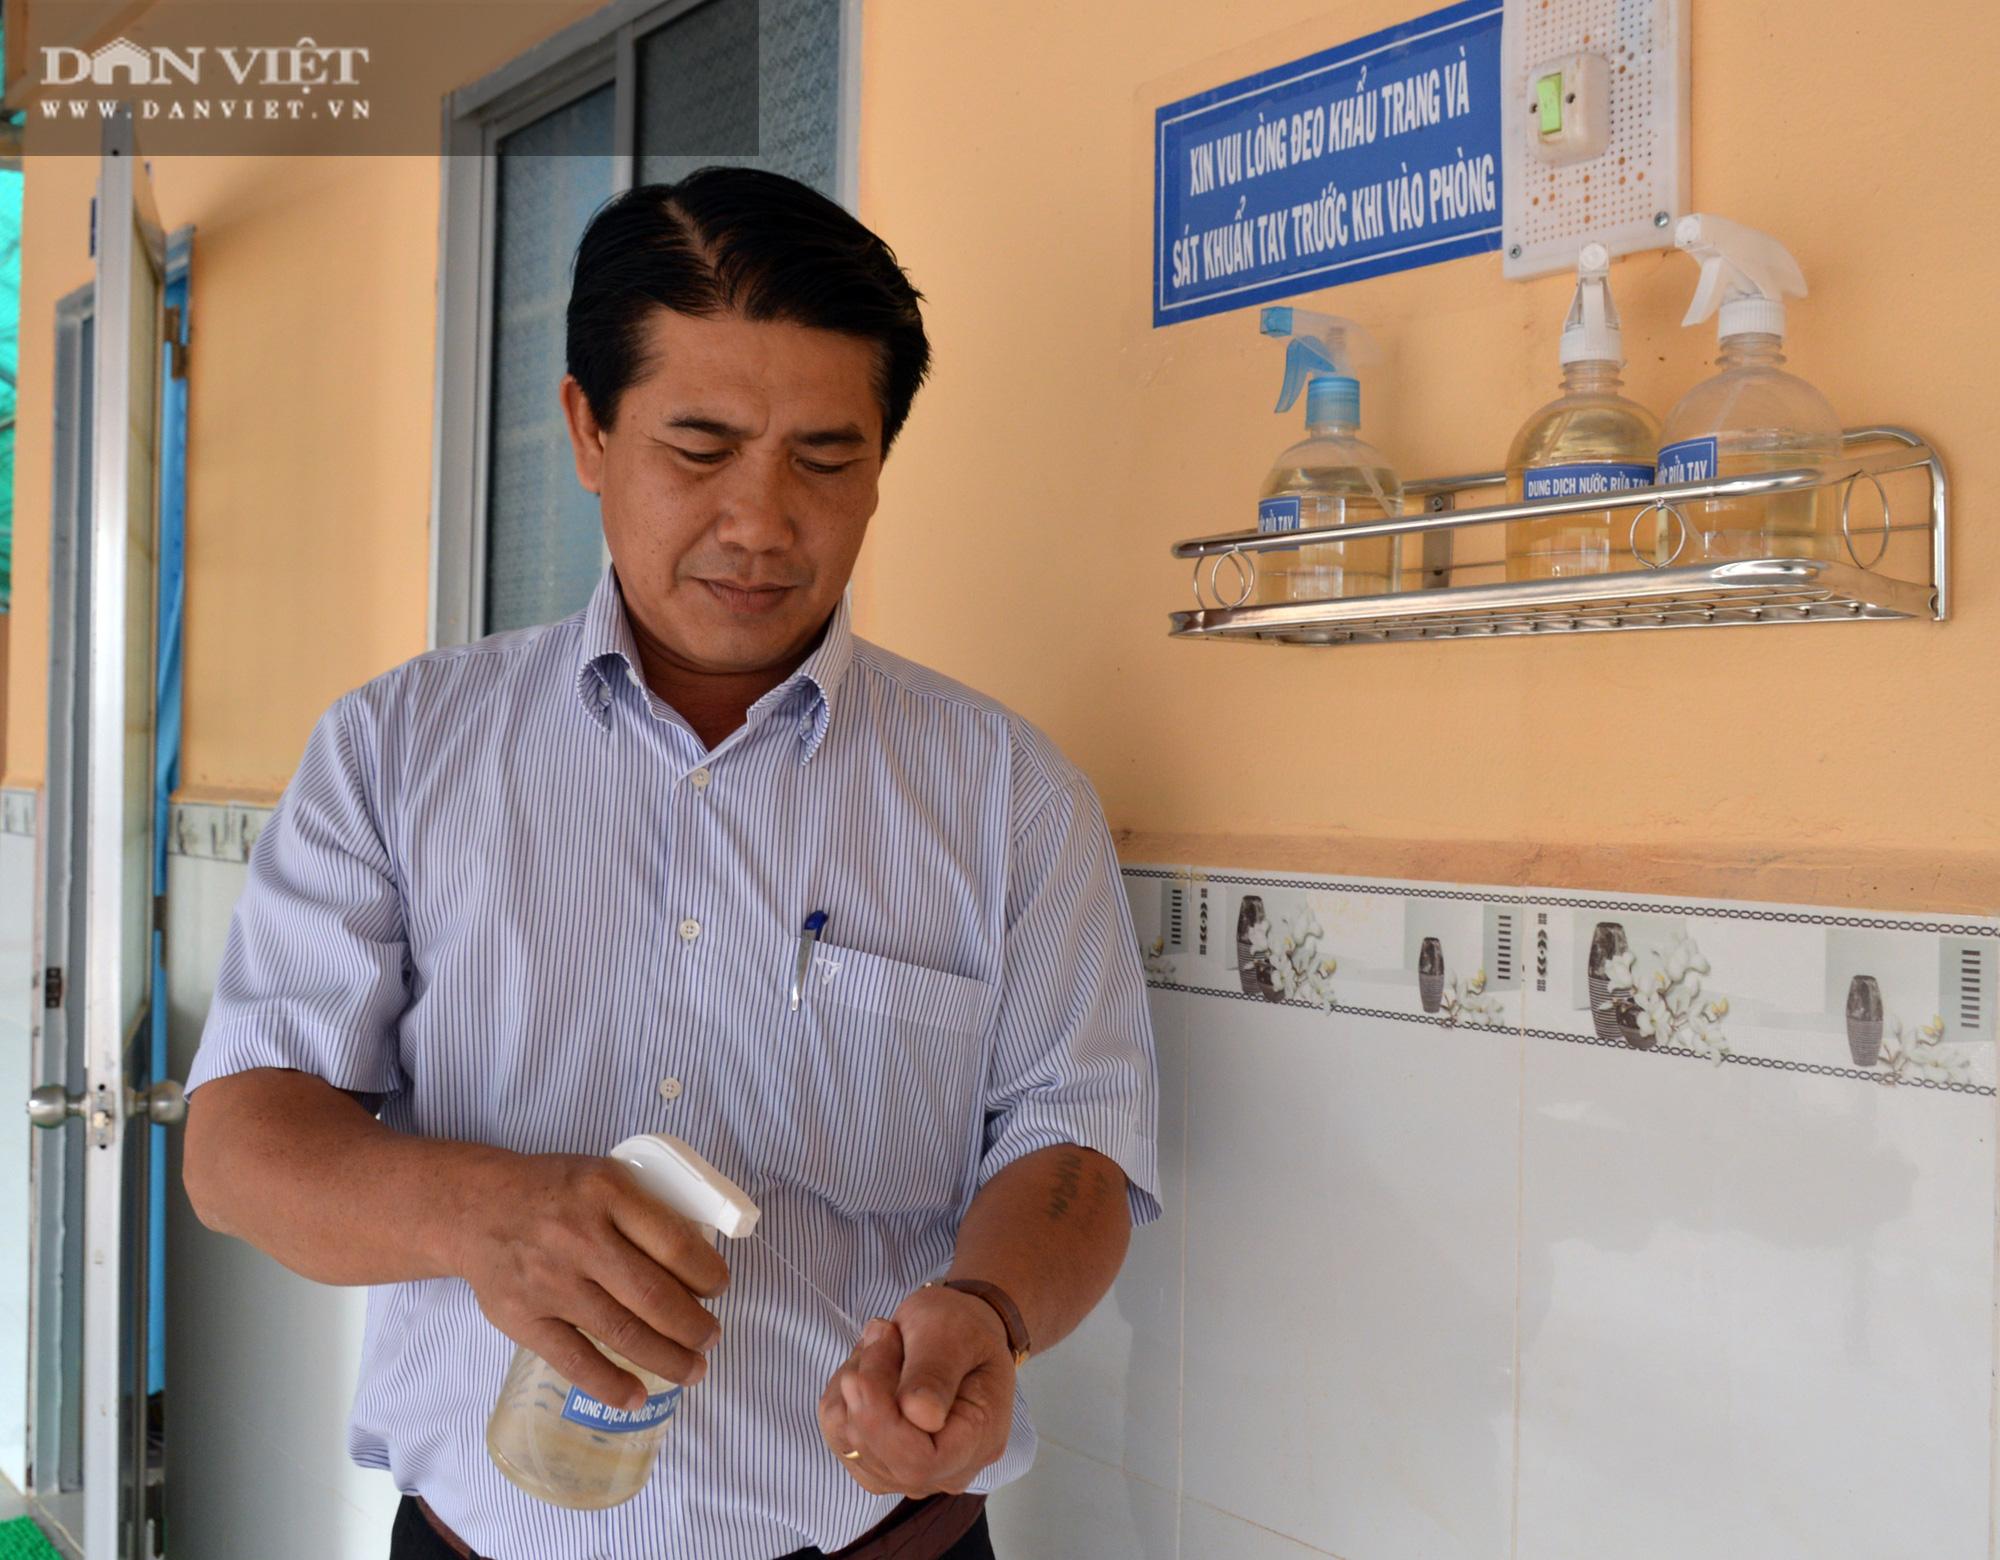 Người thầy Hiệu trưởng vùng sâu mang nước rửa tay, khẩu trang đến tận nhà cho học sinh - Ảnh 2.